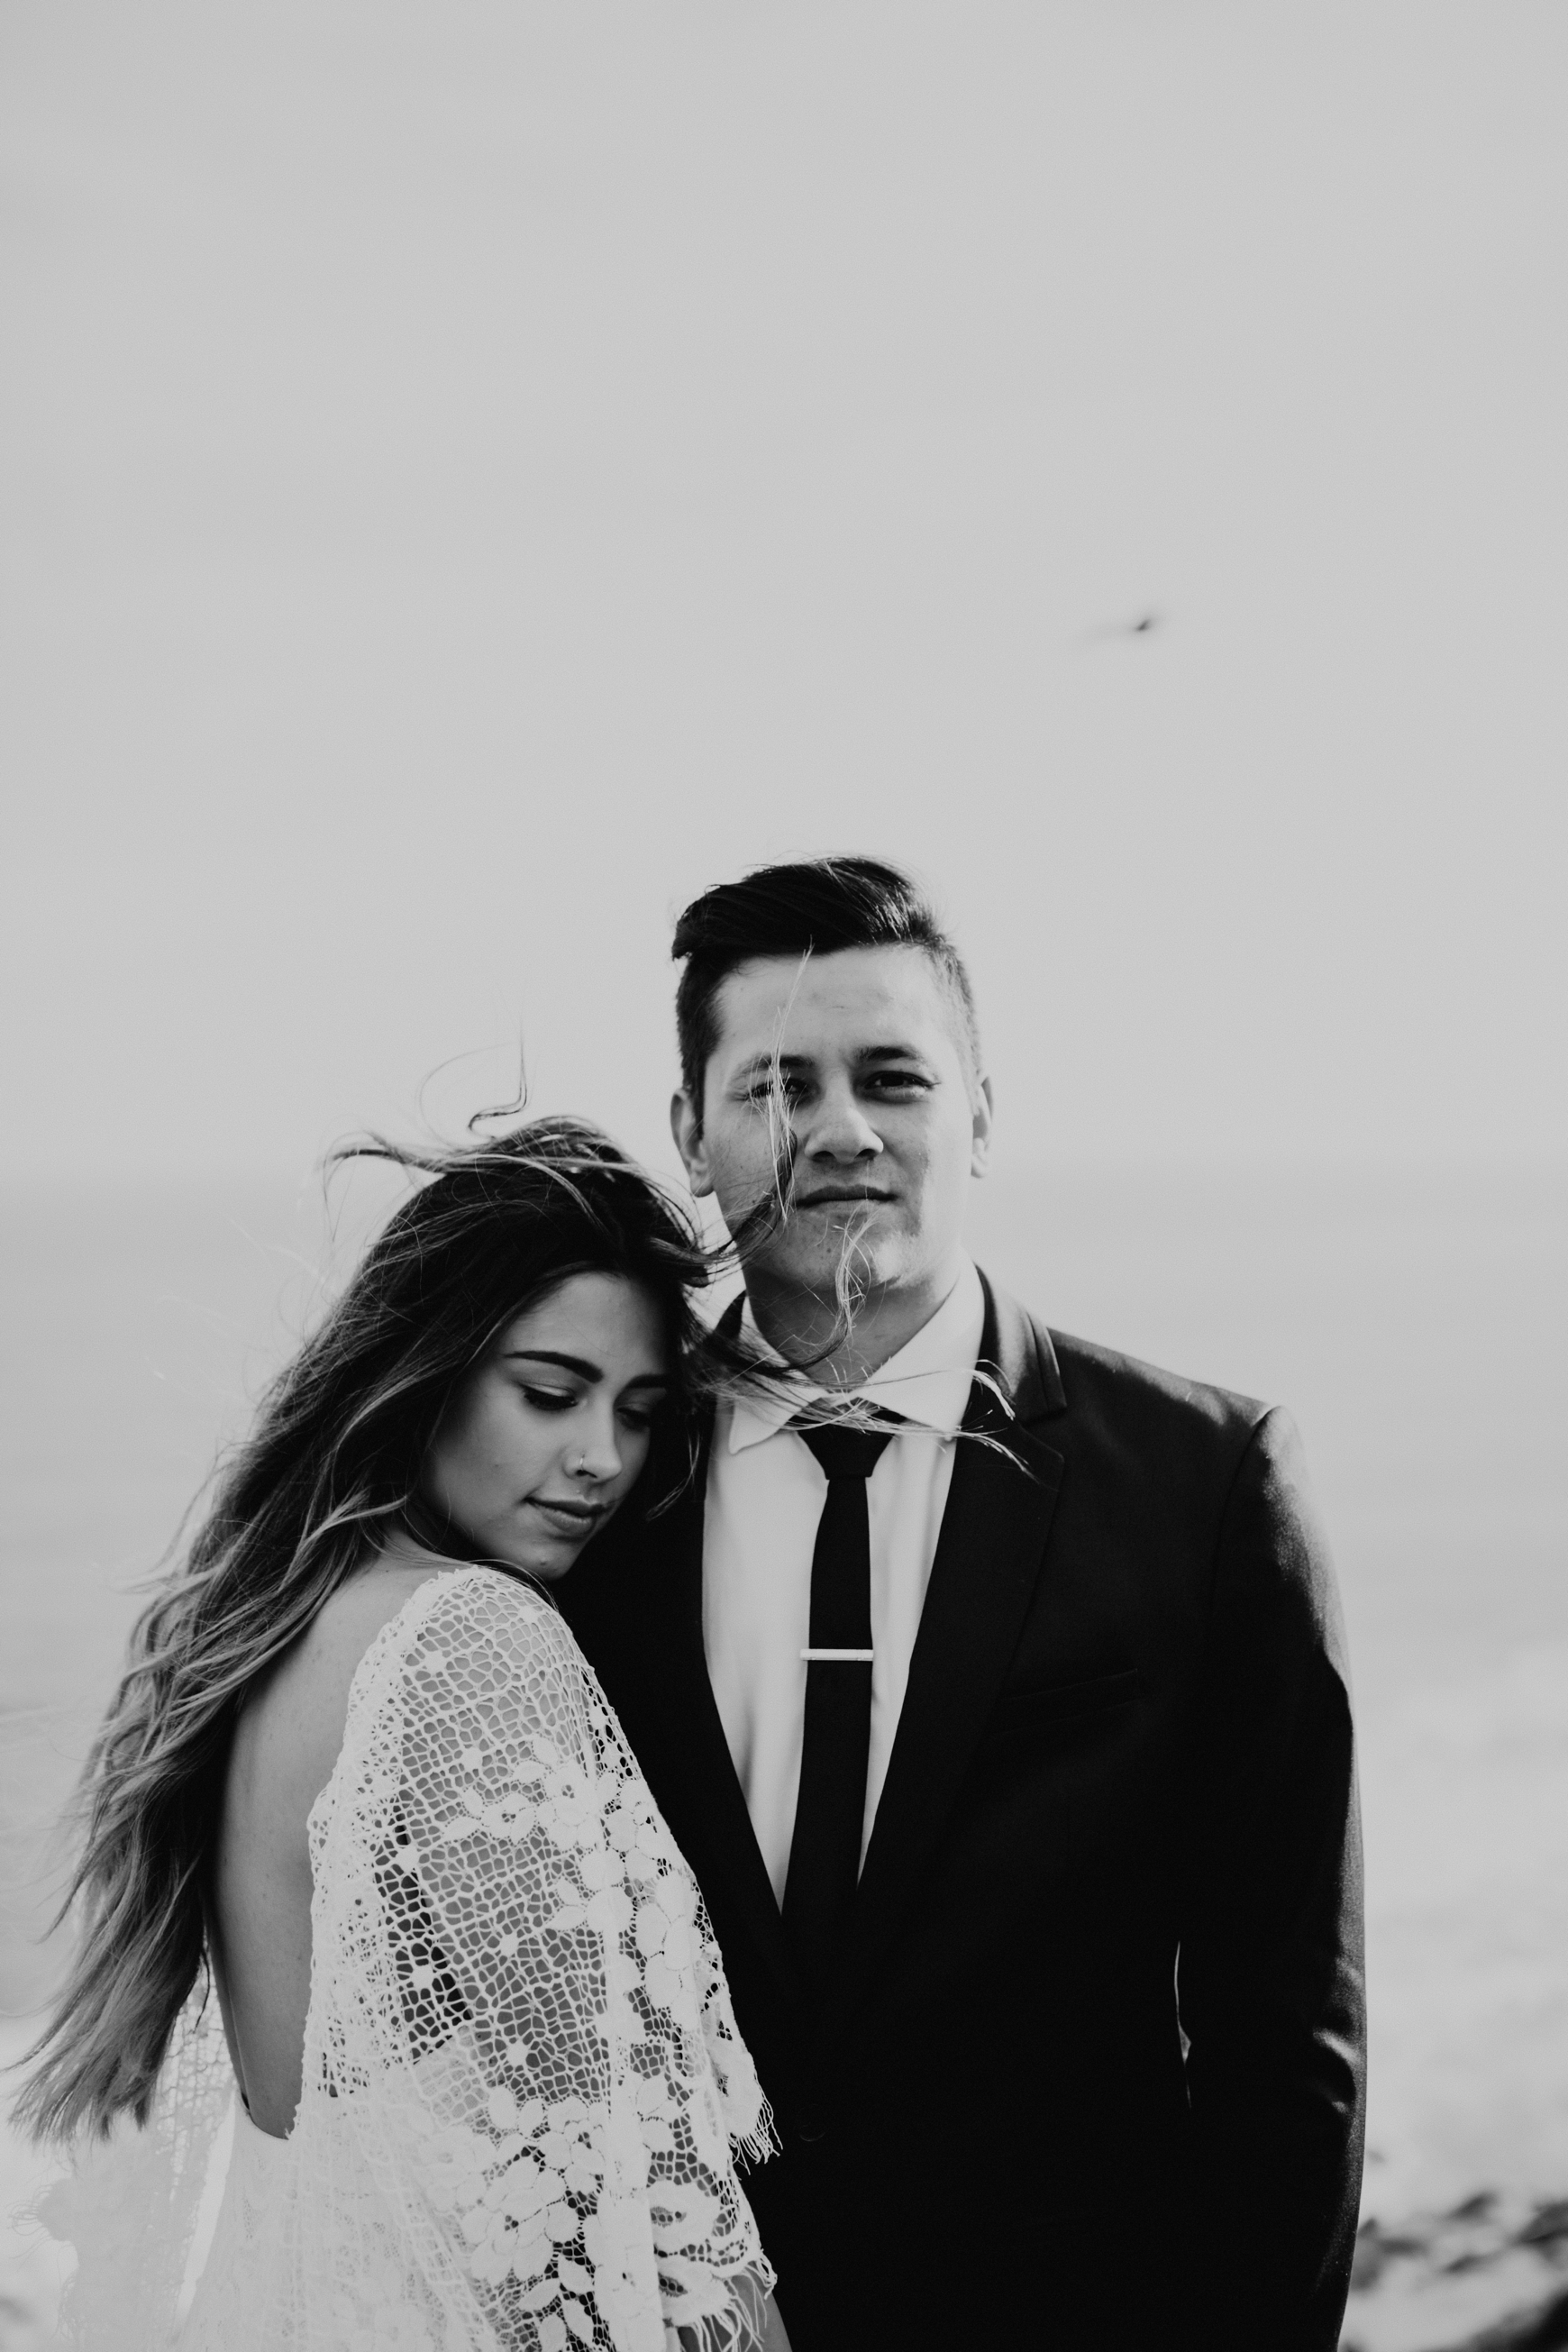 El Matador Beach Bridal Portraits Justellen & TJ Emily Magers Photography-38Emily Magers Photography.jpg